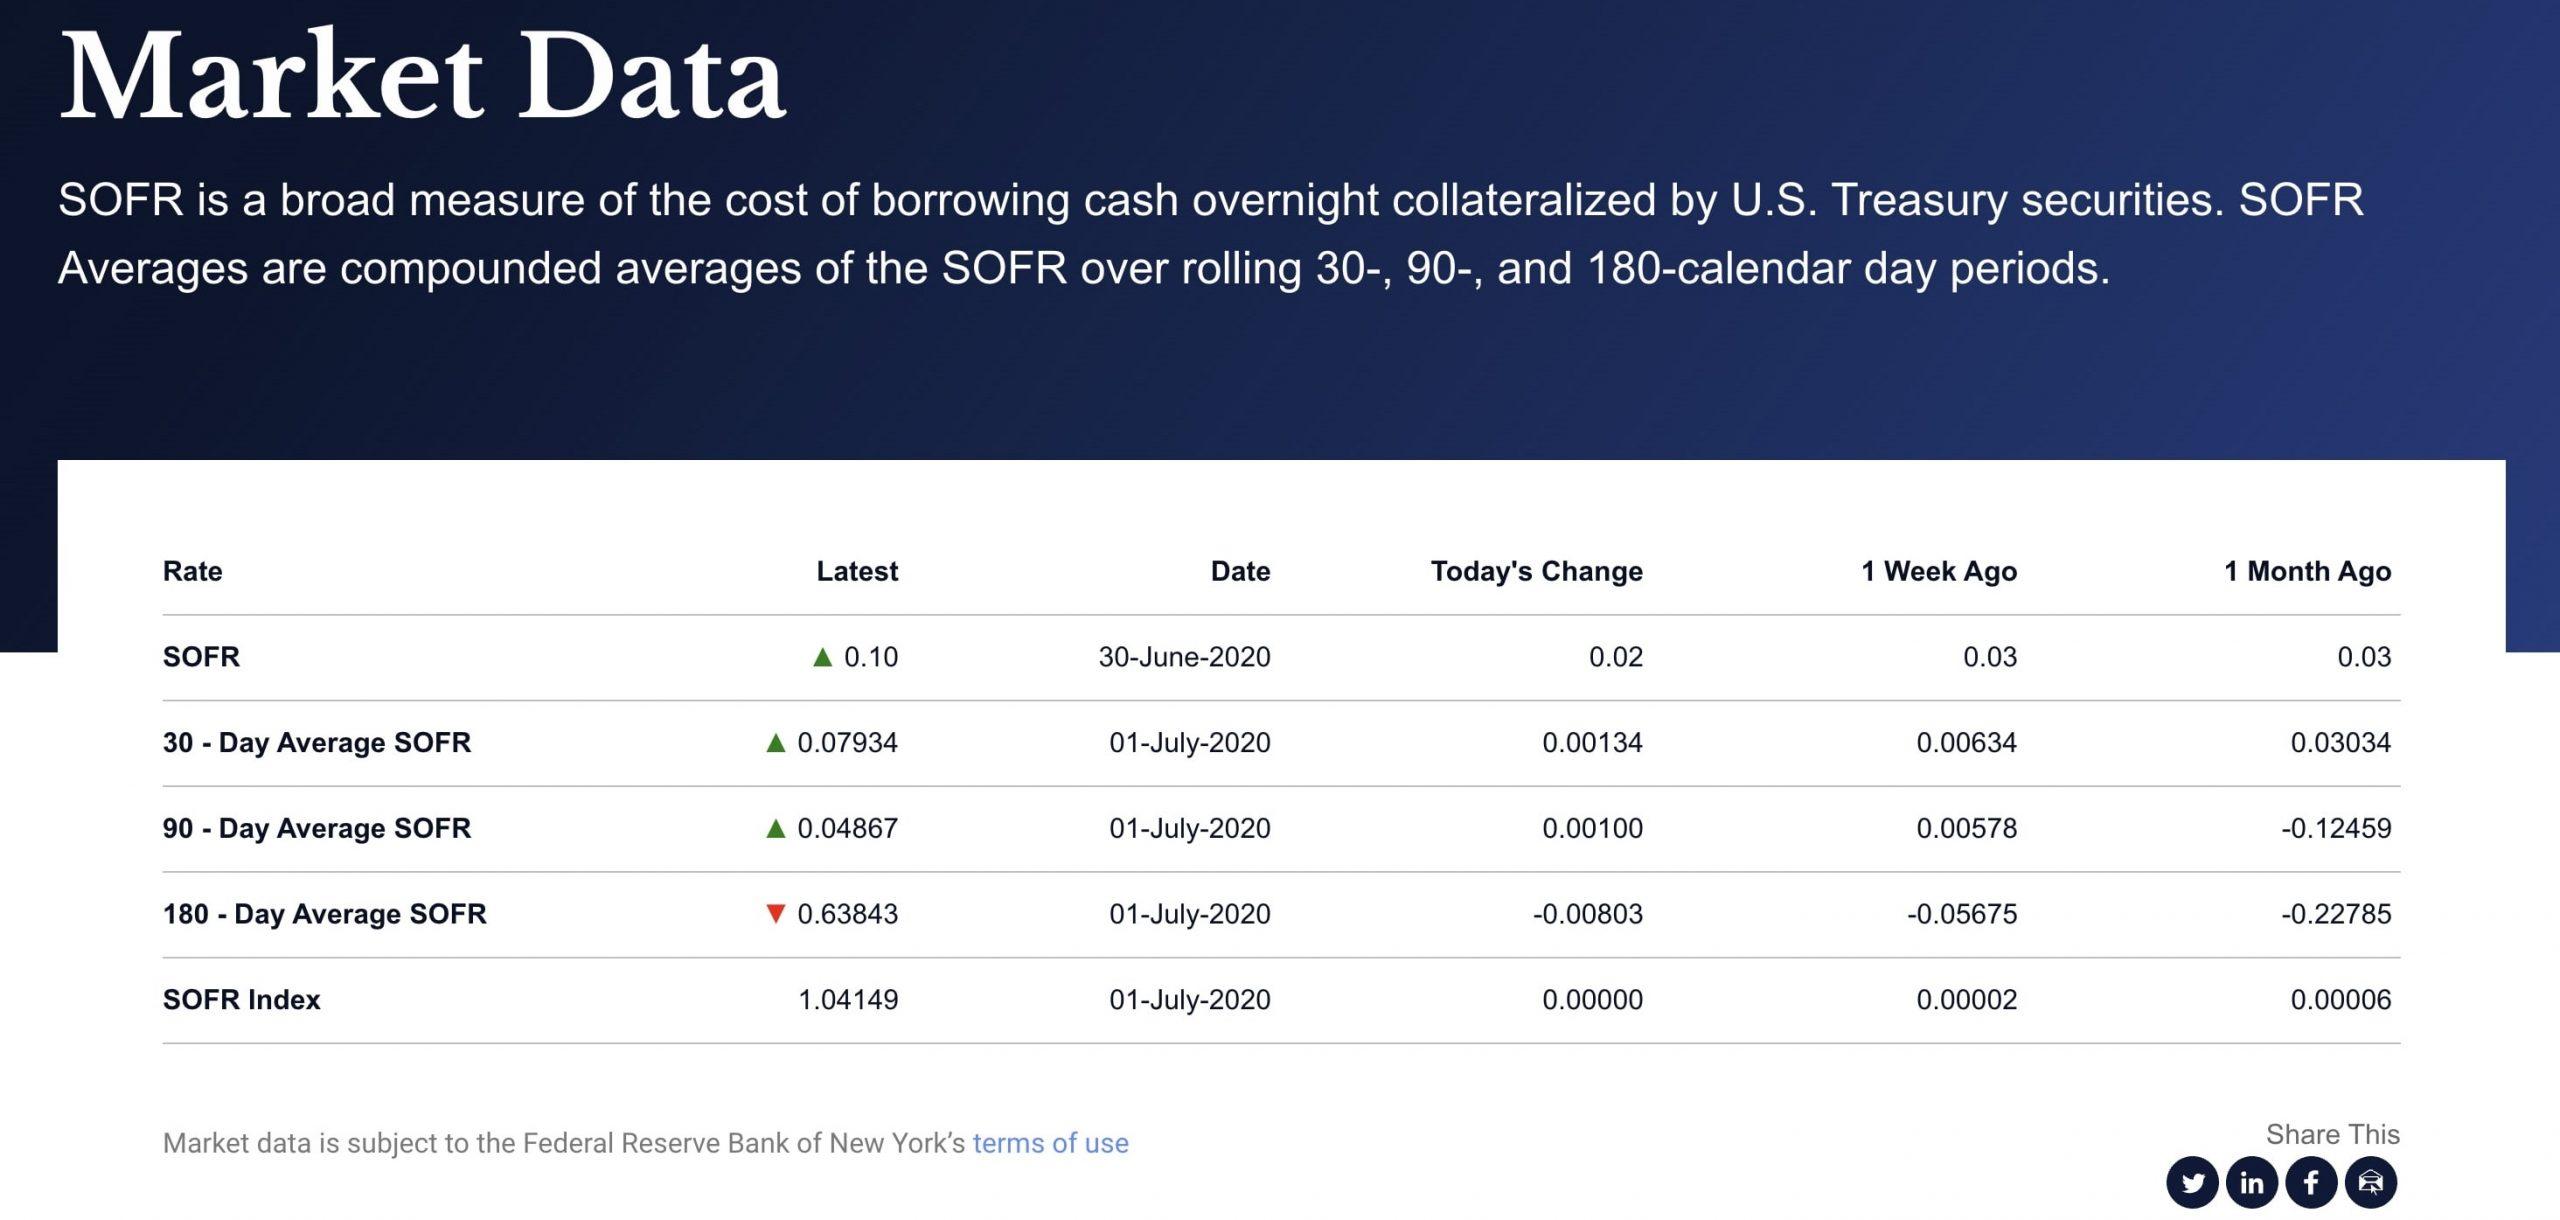 sofr-market-data